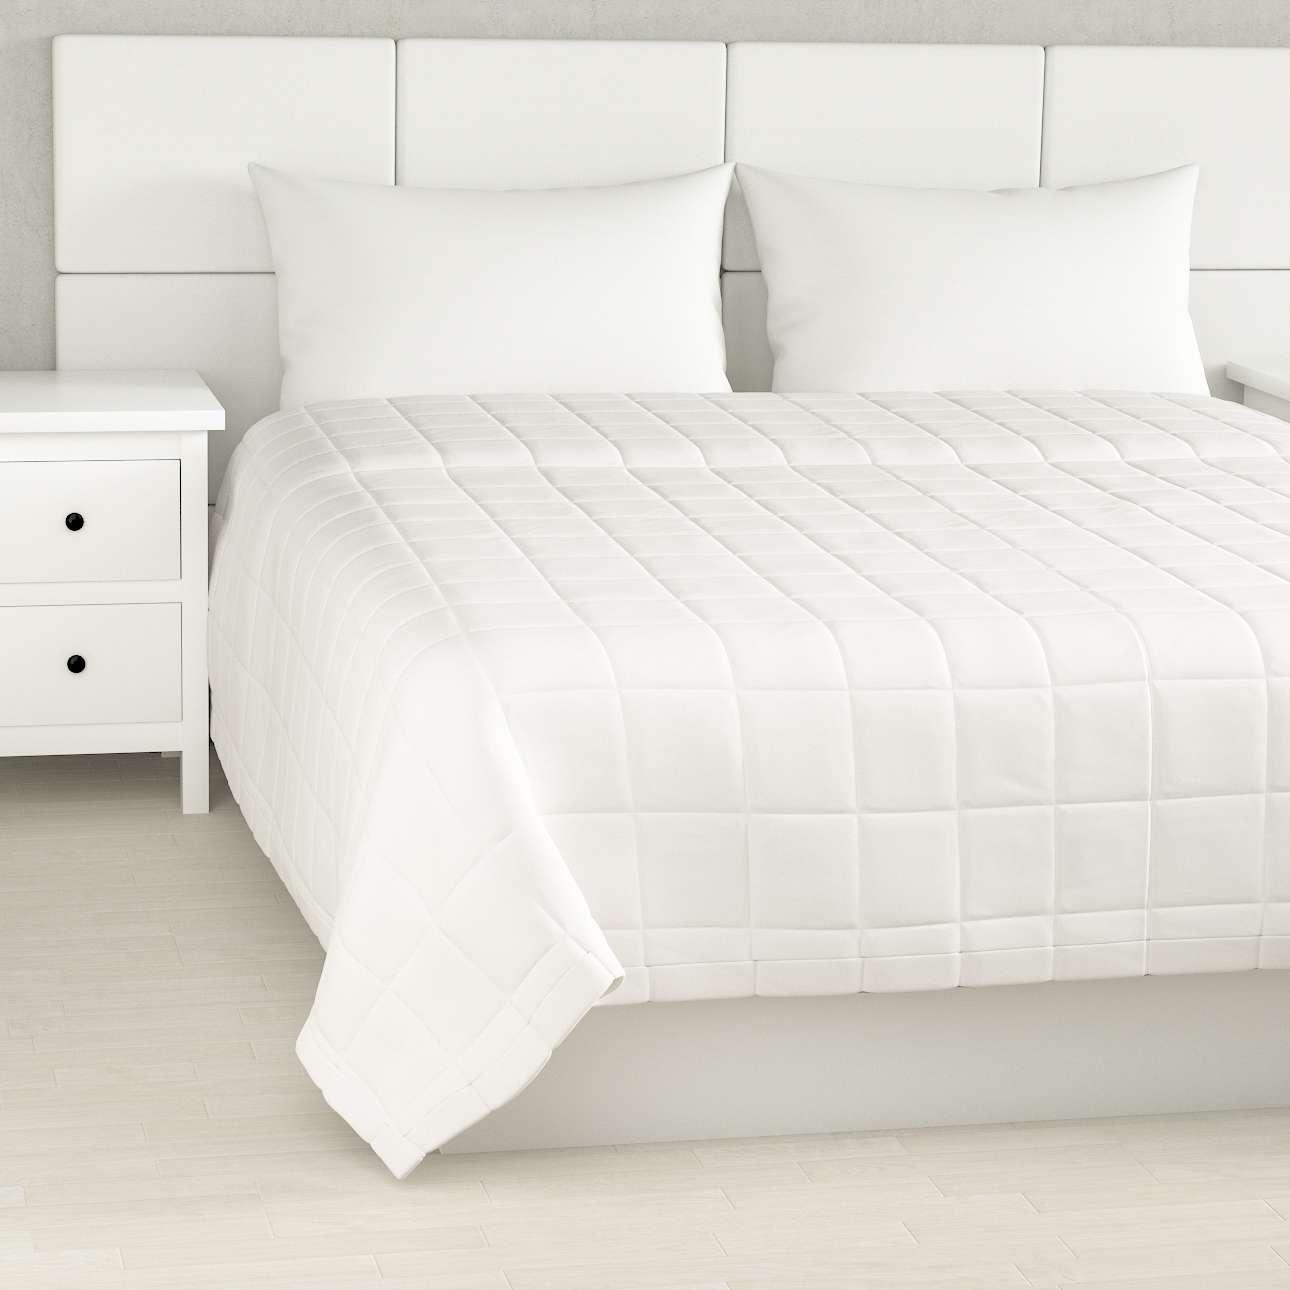 Prehoz prešívaný do štvorcov V kolekcii Cotton Panama, tkanina: 702-34